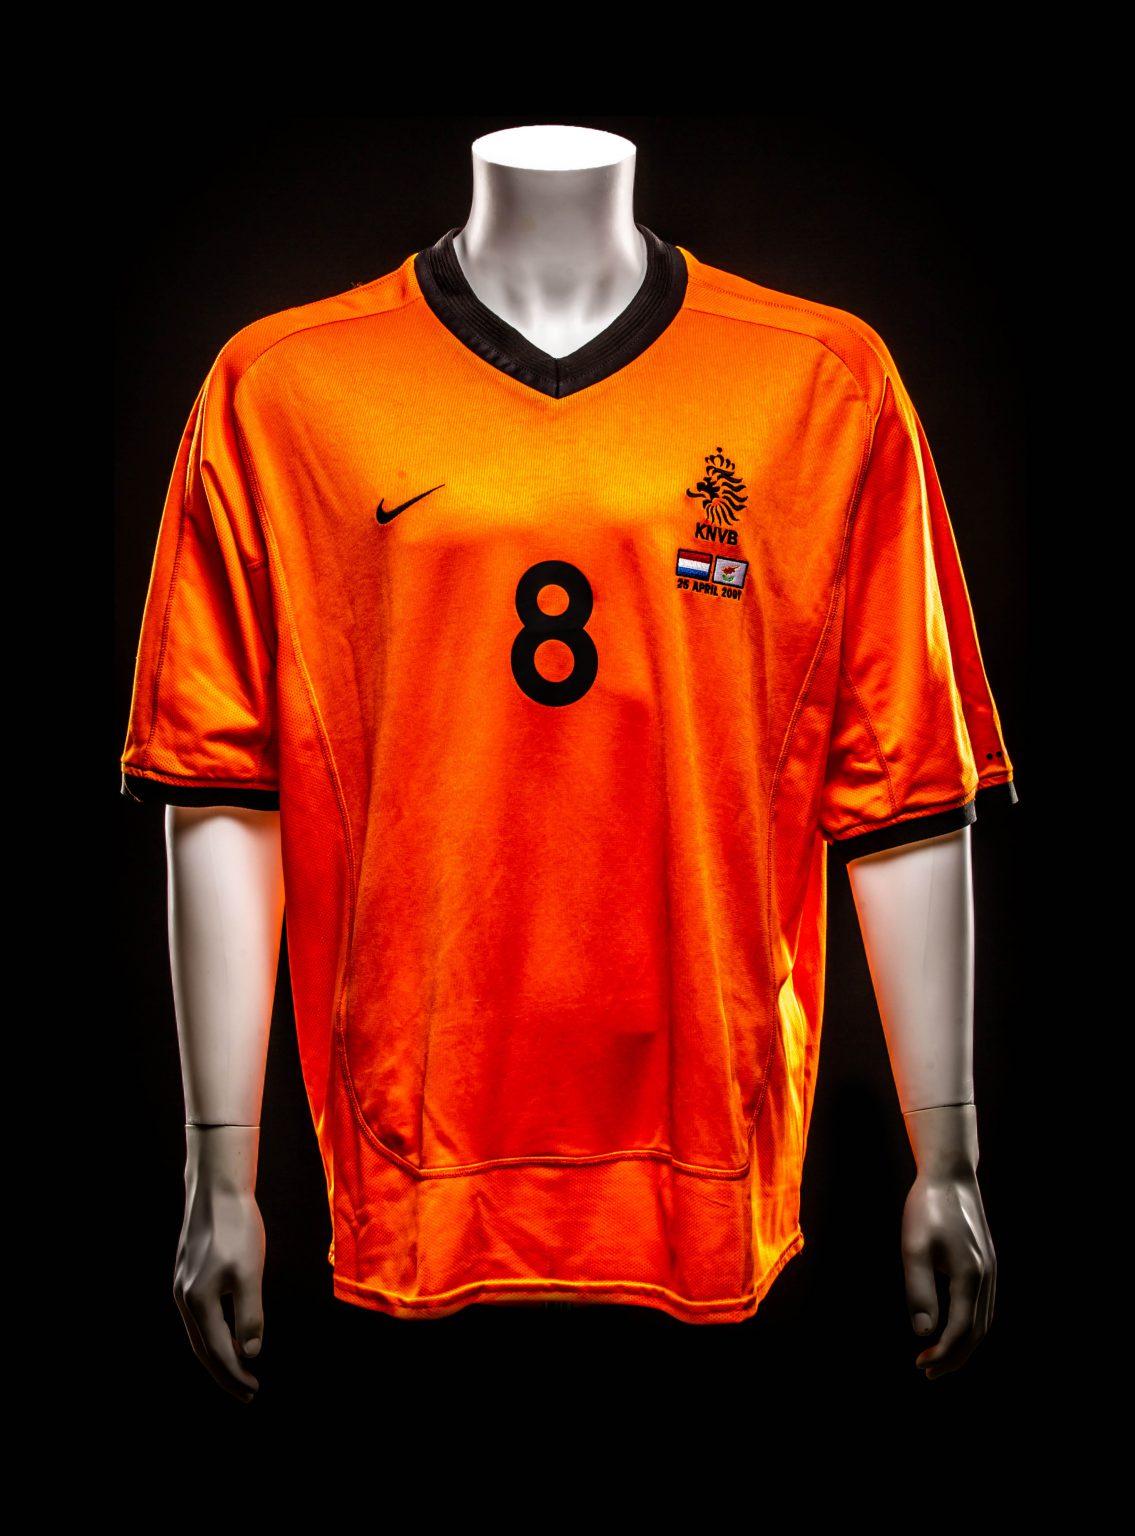 #8 Philip Cocu 2001